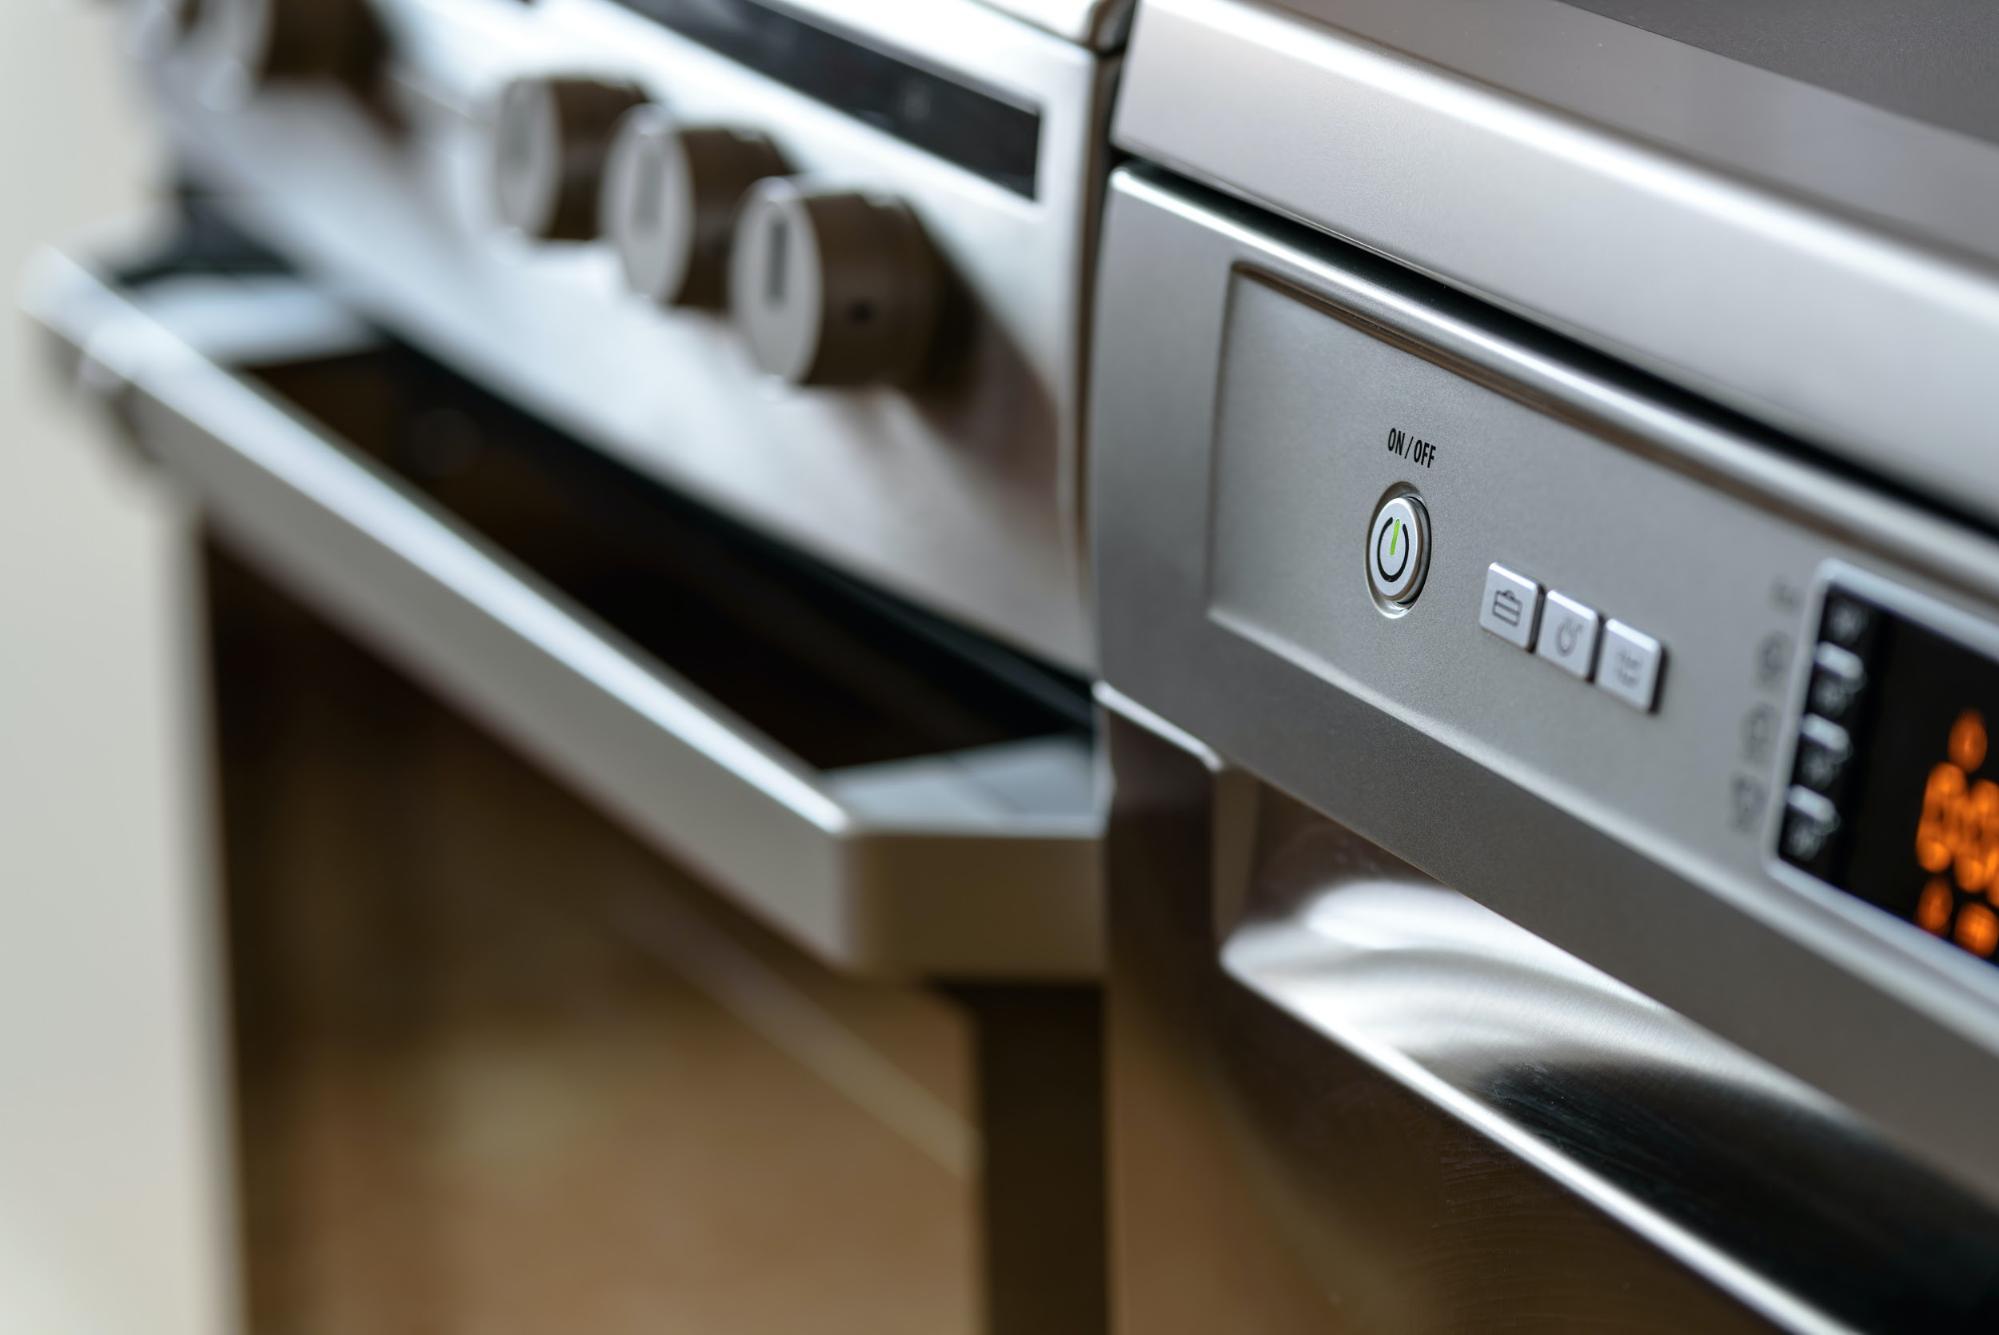 baking mistake: not preheating